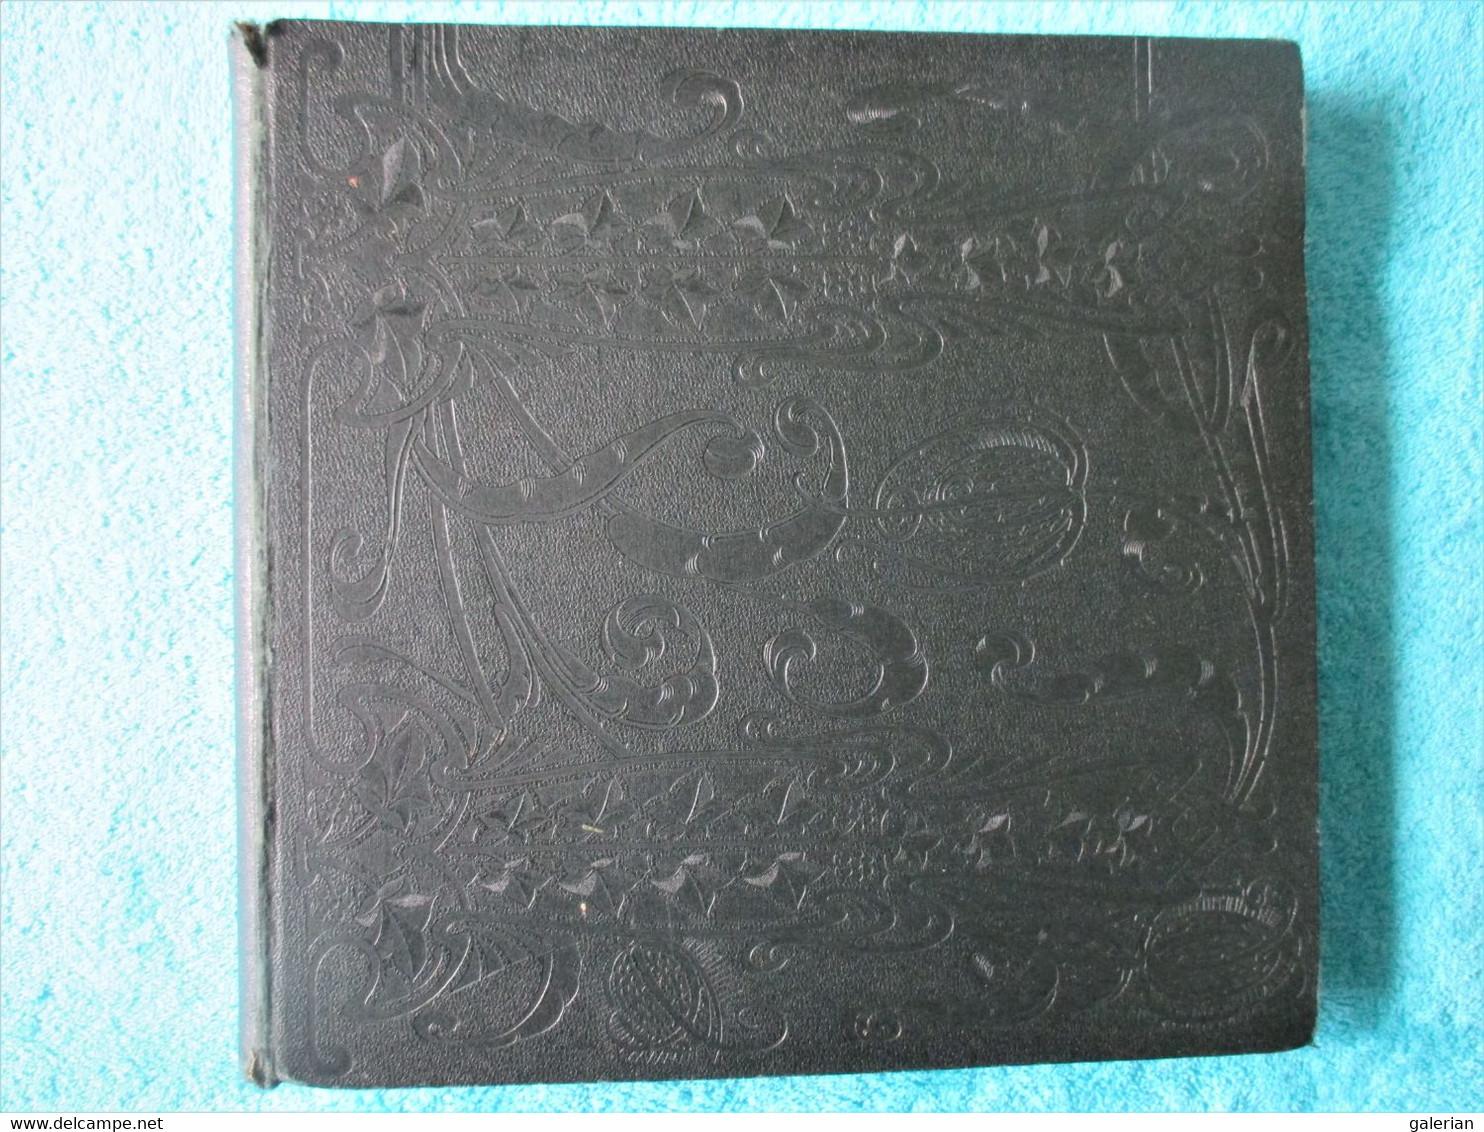 Album Vide Pouvant Contenir 1008 Cartes Postales. - Albums, Binders & Pages